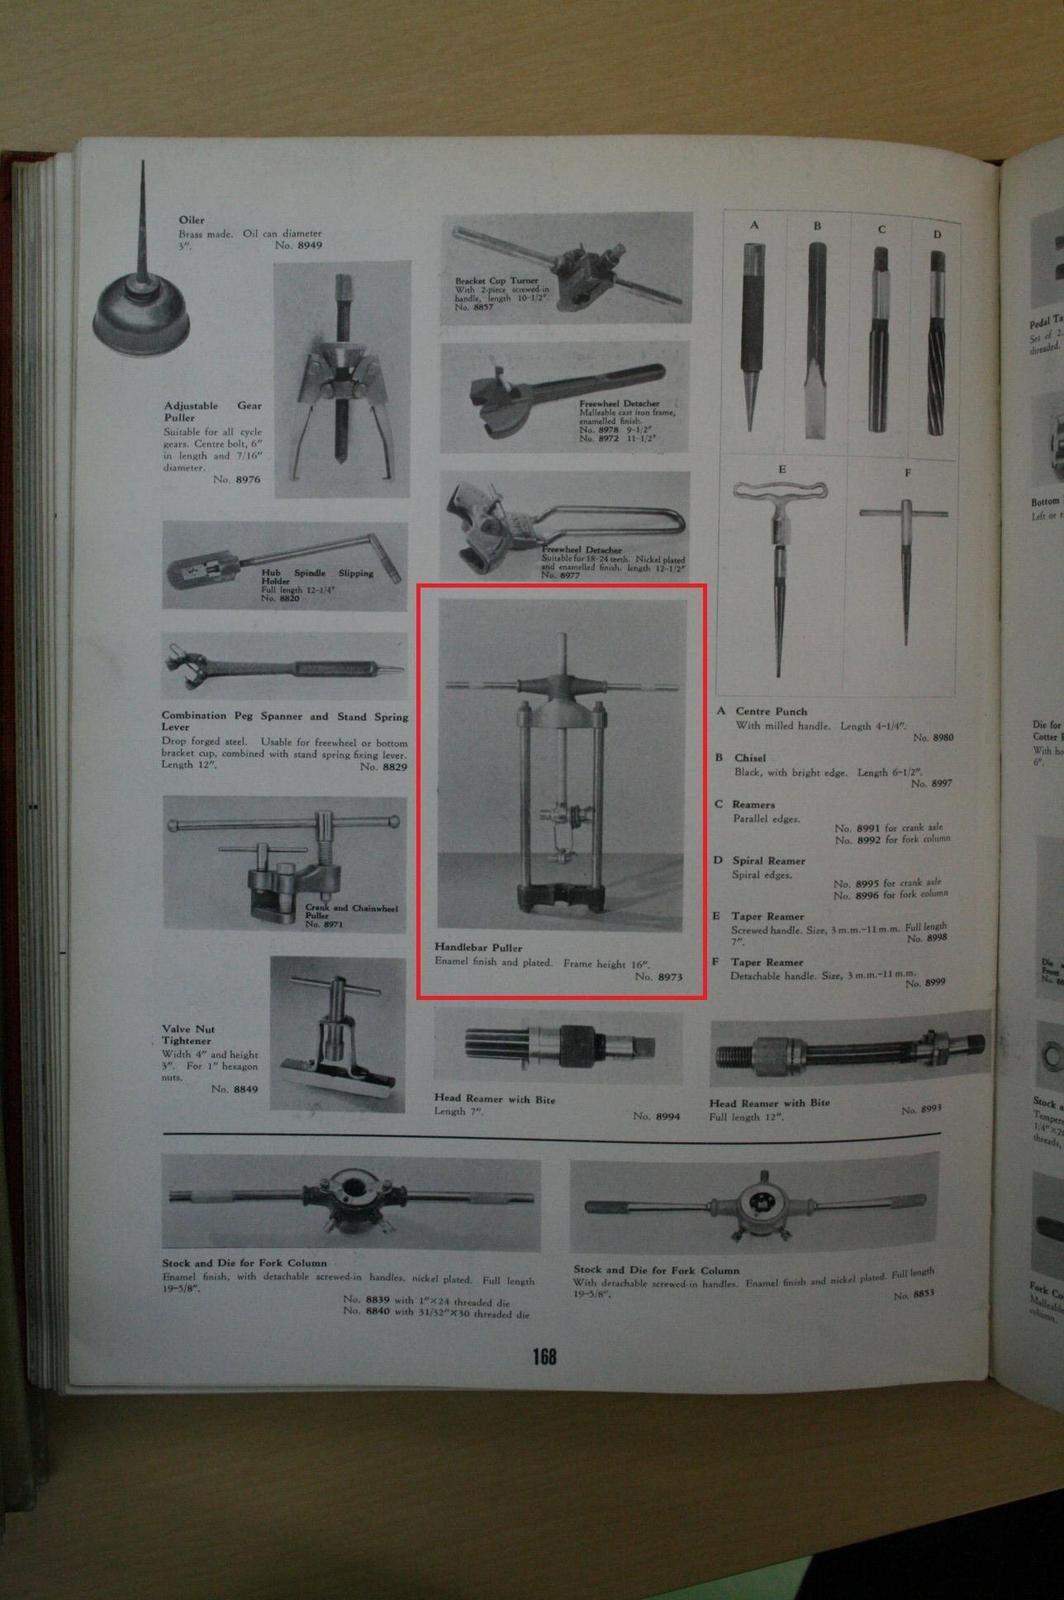 Handlebar_puller_tool_pic